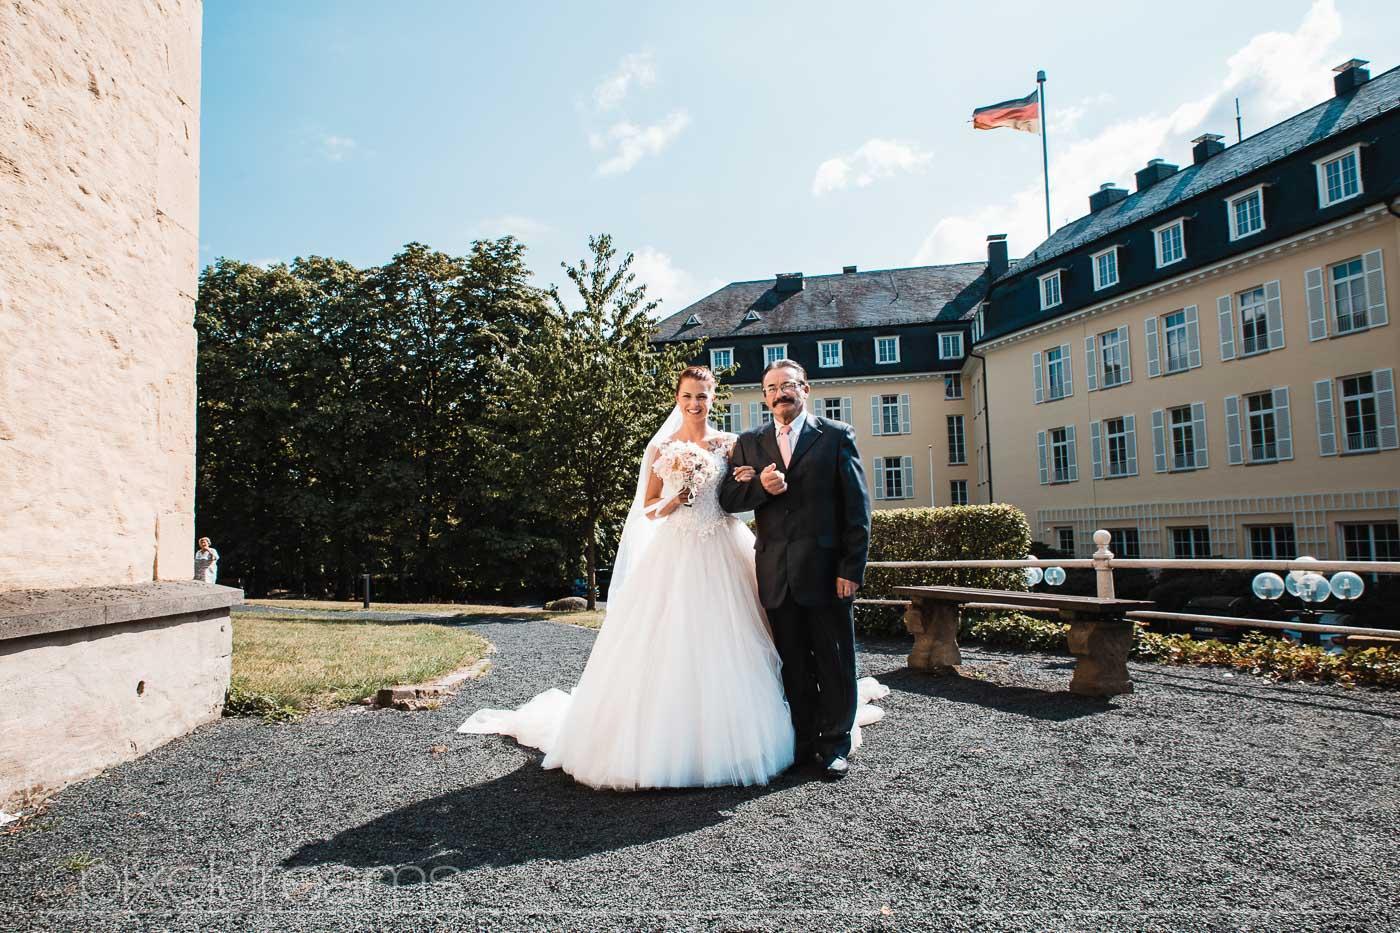 Kurz vor der Trauung vor der Petersberg-Kapelle. Brautvater wartet mit Braut kurz vor dem eintritt in die Kapelle. Hochzeitsfotograf hält diese Situation fest.